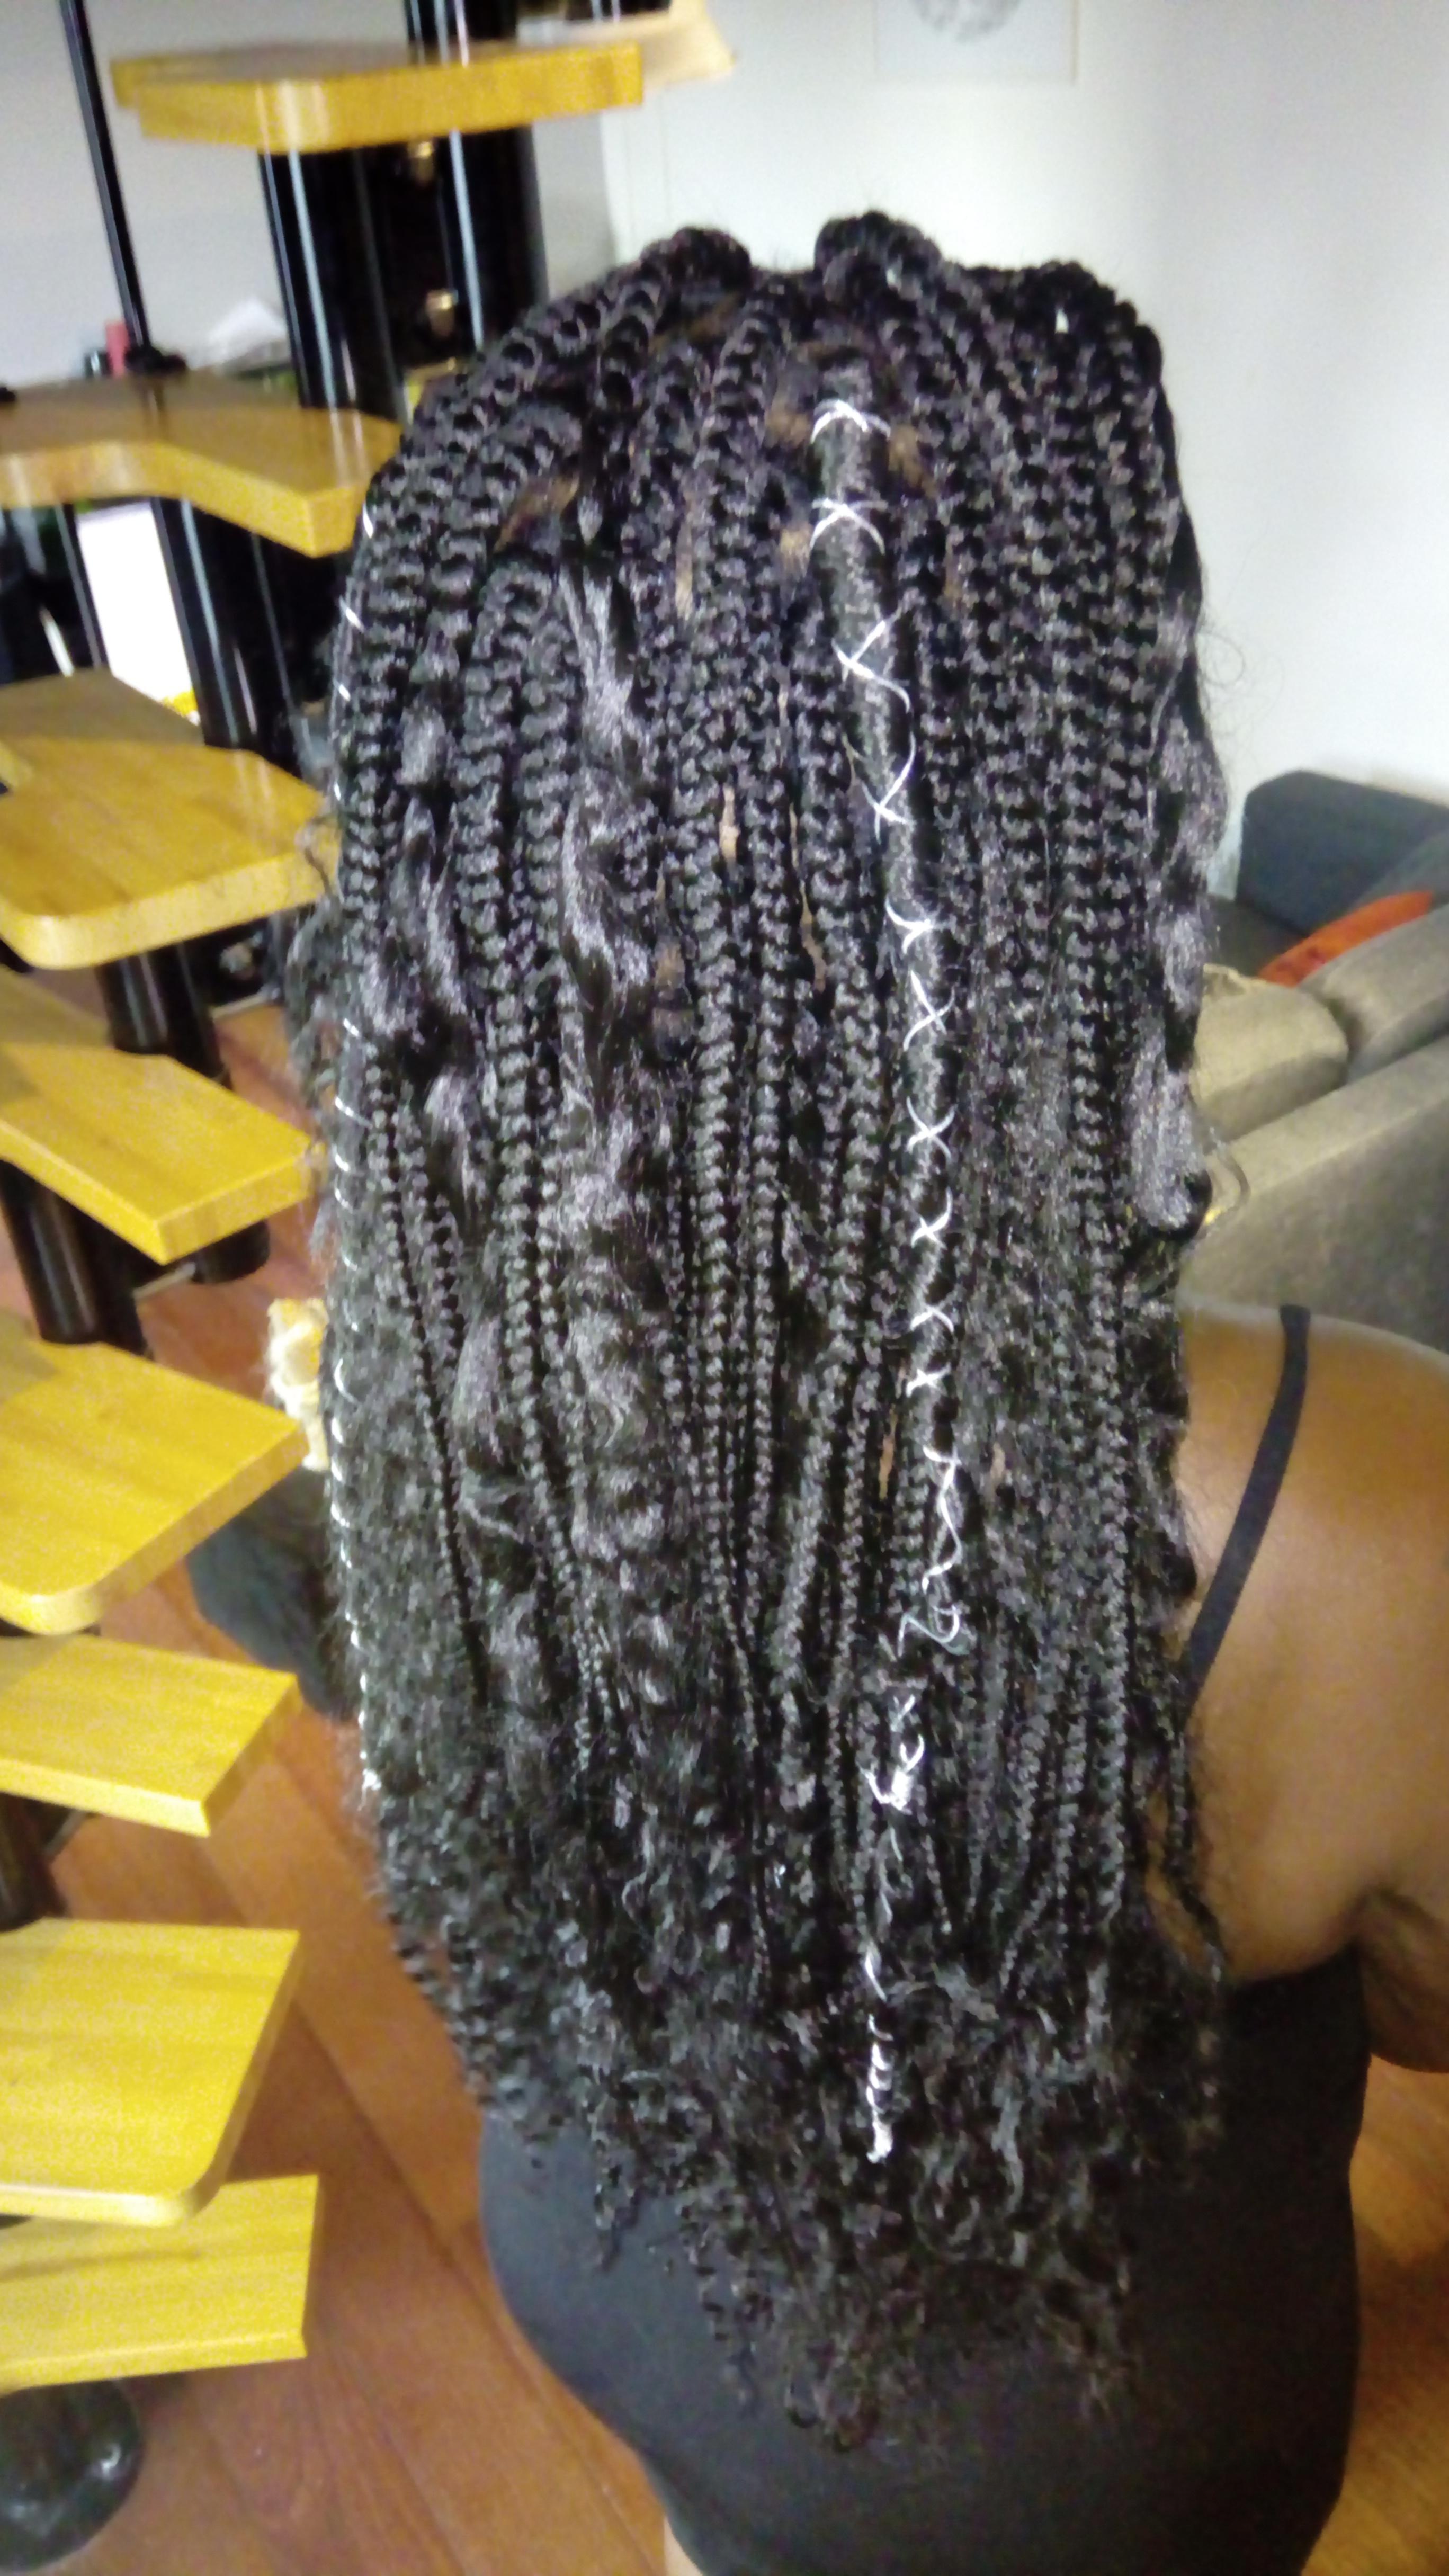 salon de coiffure afro tresse tresses box braids crochet braids vanilles tissages paris 75 77 78 91 92 93 94 95 CXDLQCGA